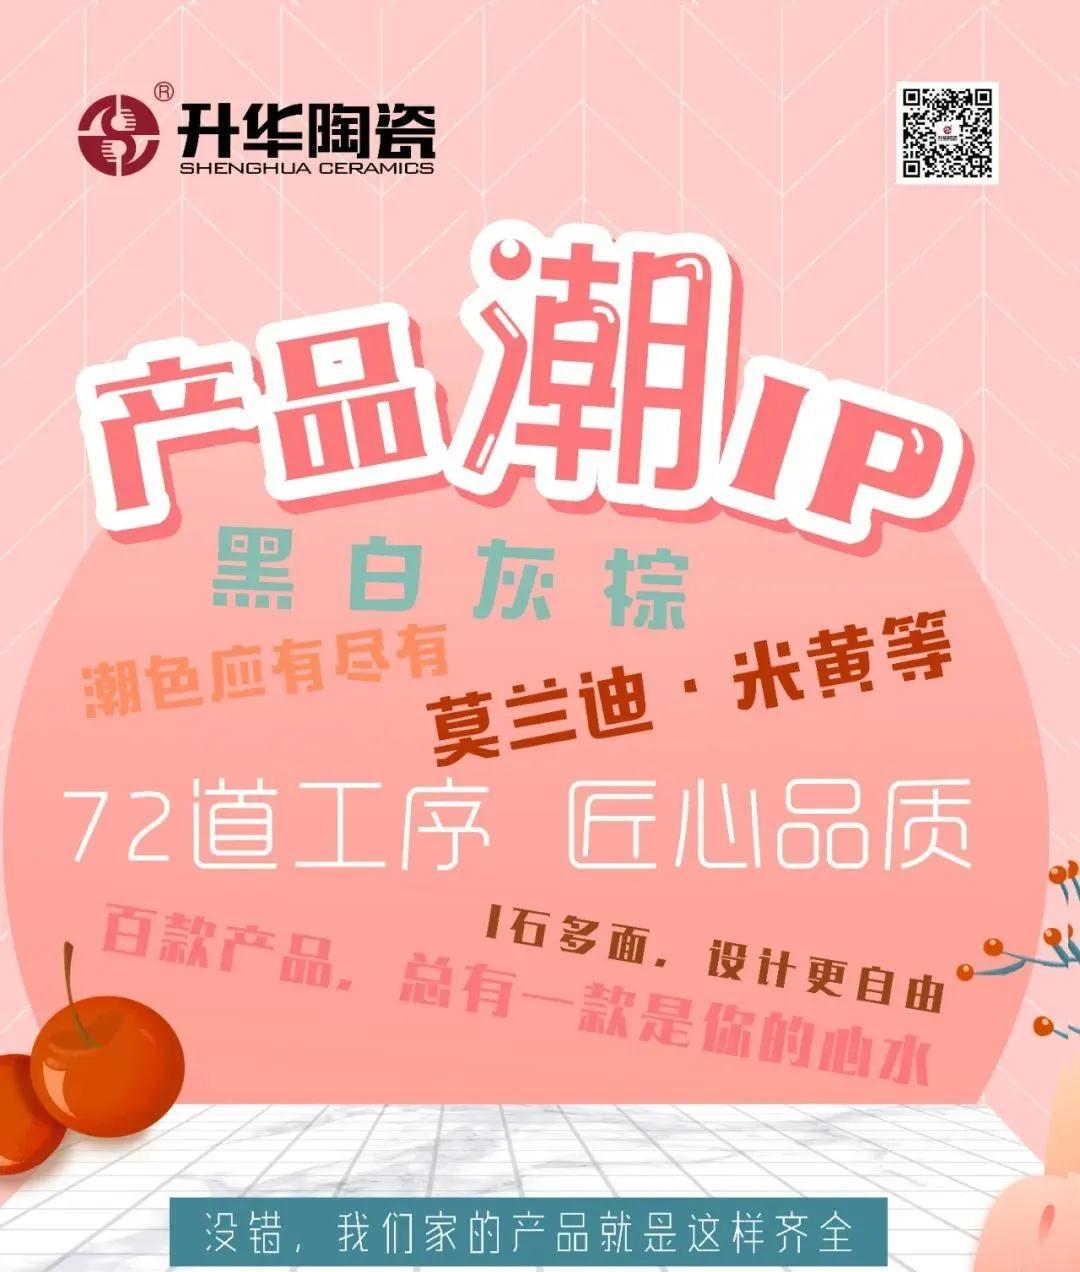 升华陶瓷 | 实力见证:上海浦东国际机场工程案例赏析!